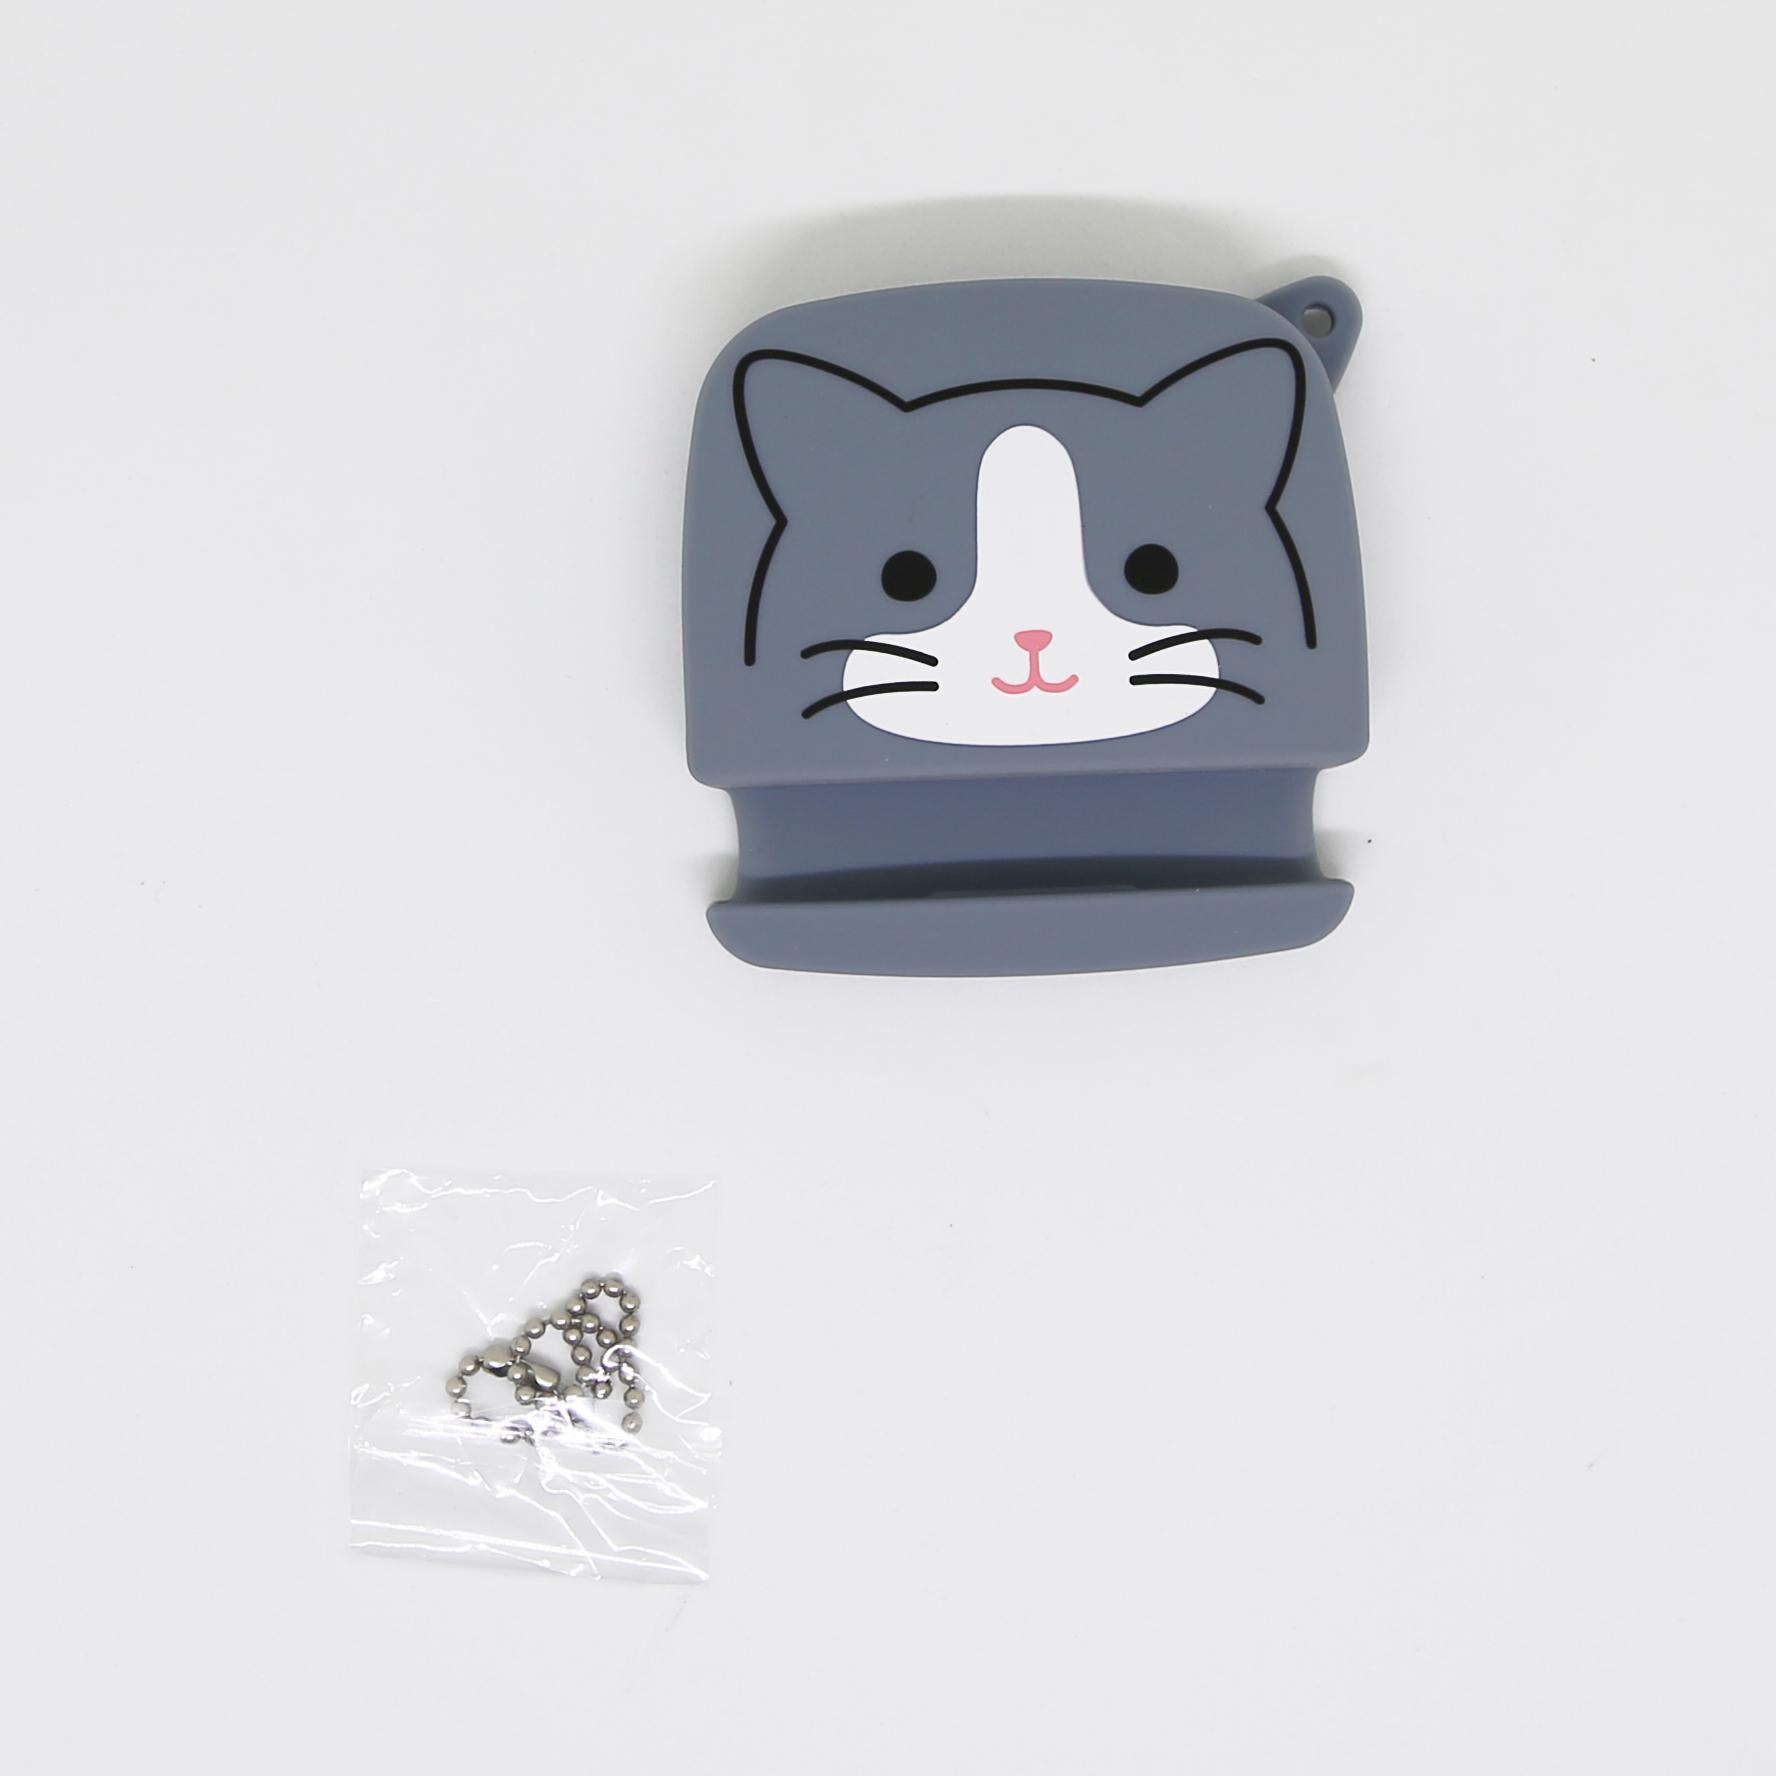 猫イヤホンホルダー(スマホスタンドポーチ)ハチワレ猫